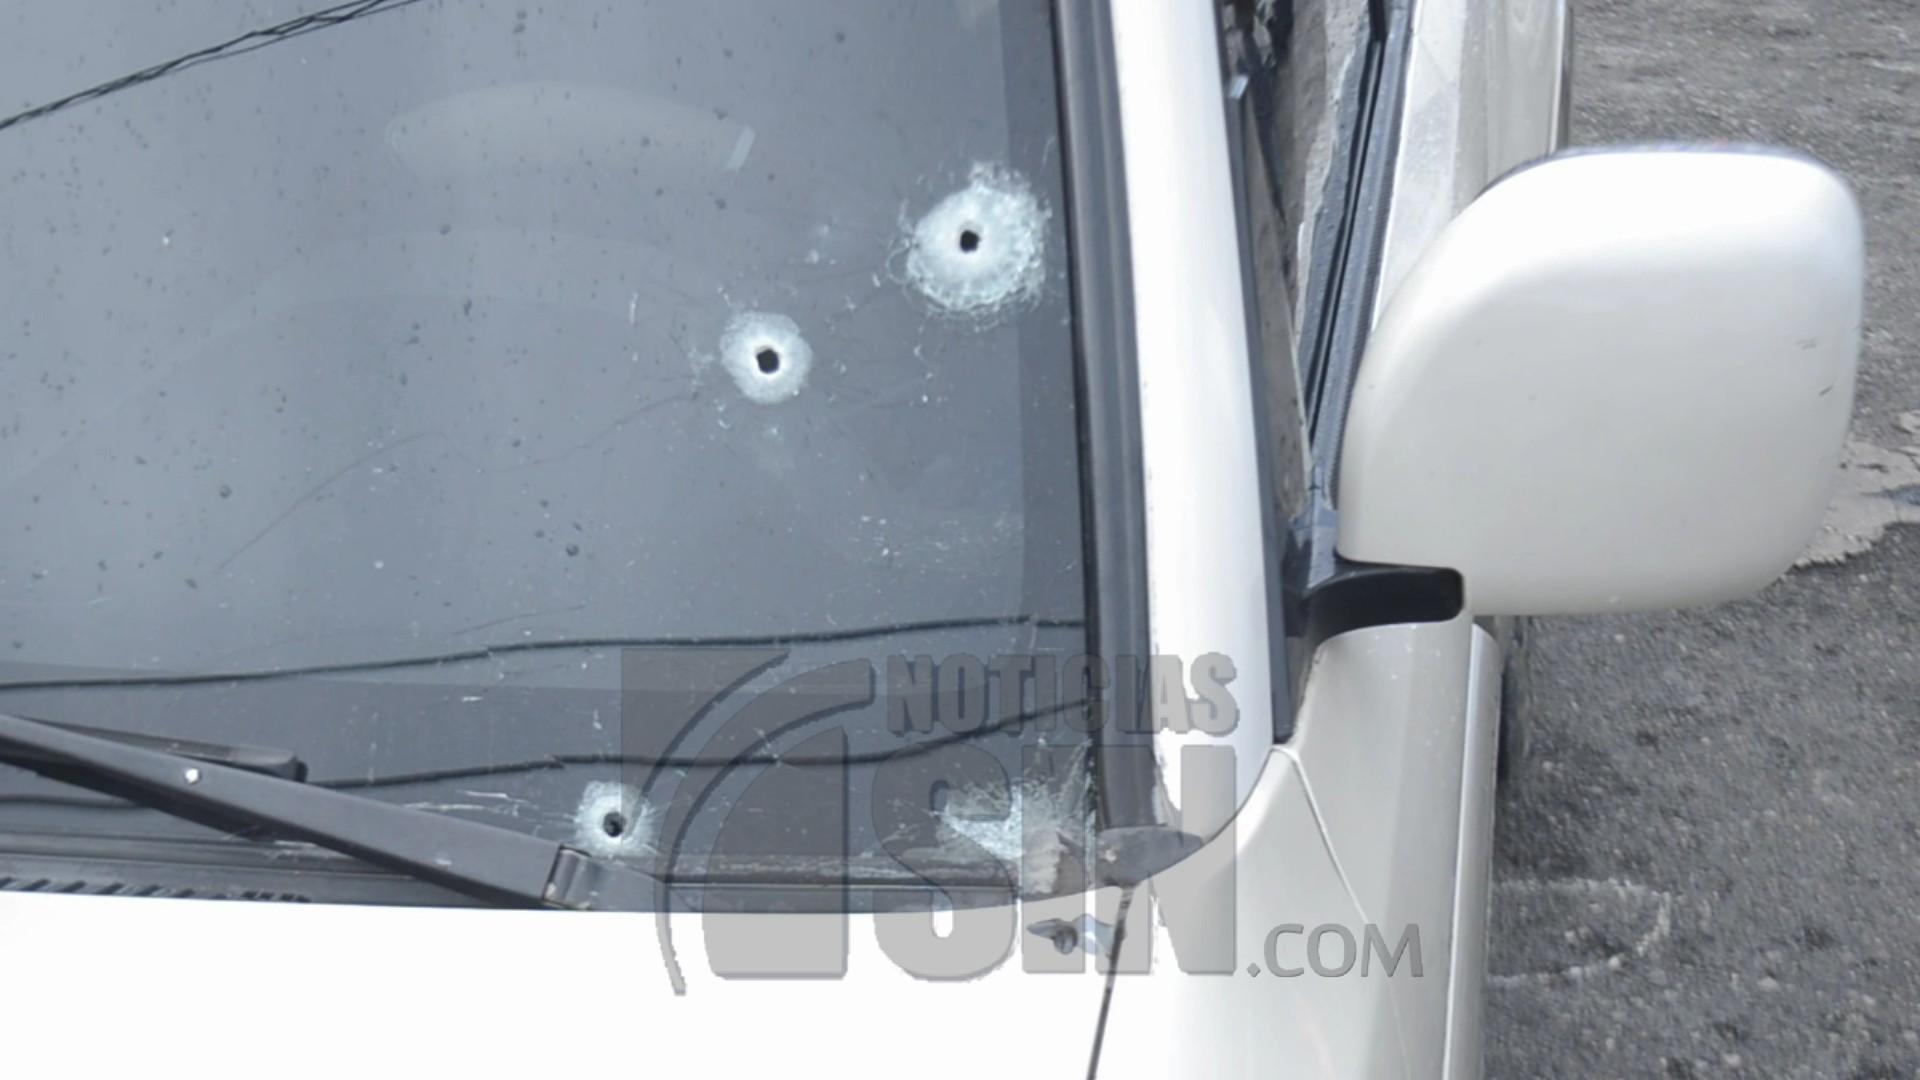 Desconocidos matan de varios disparos a unabogado en La Romana